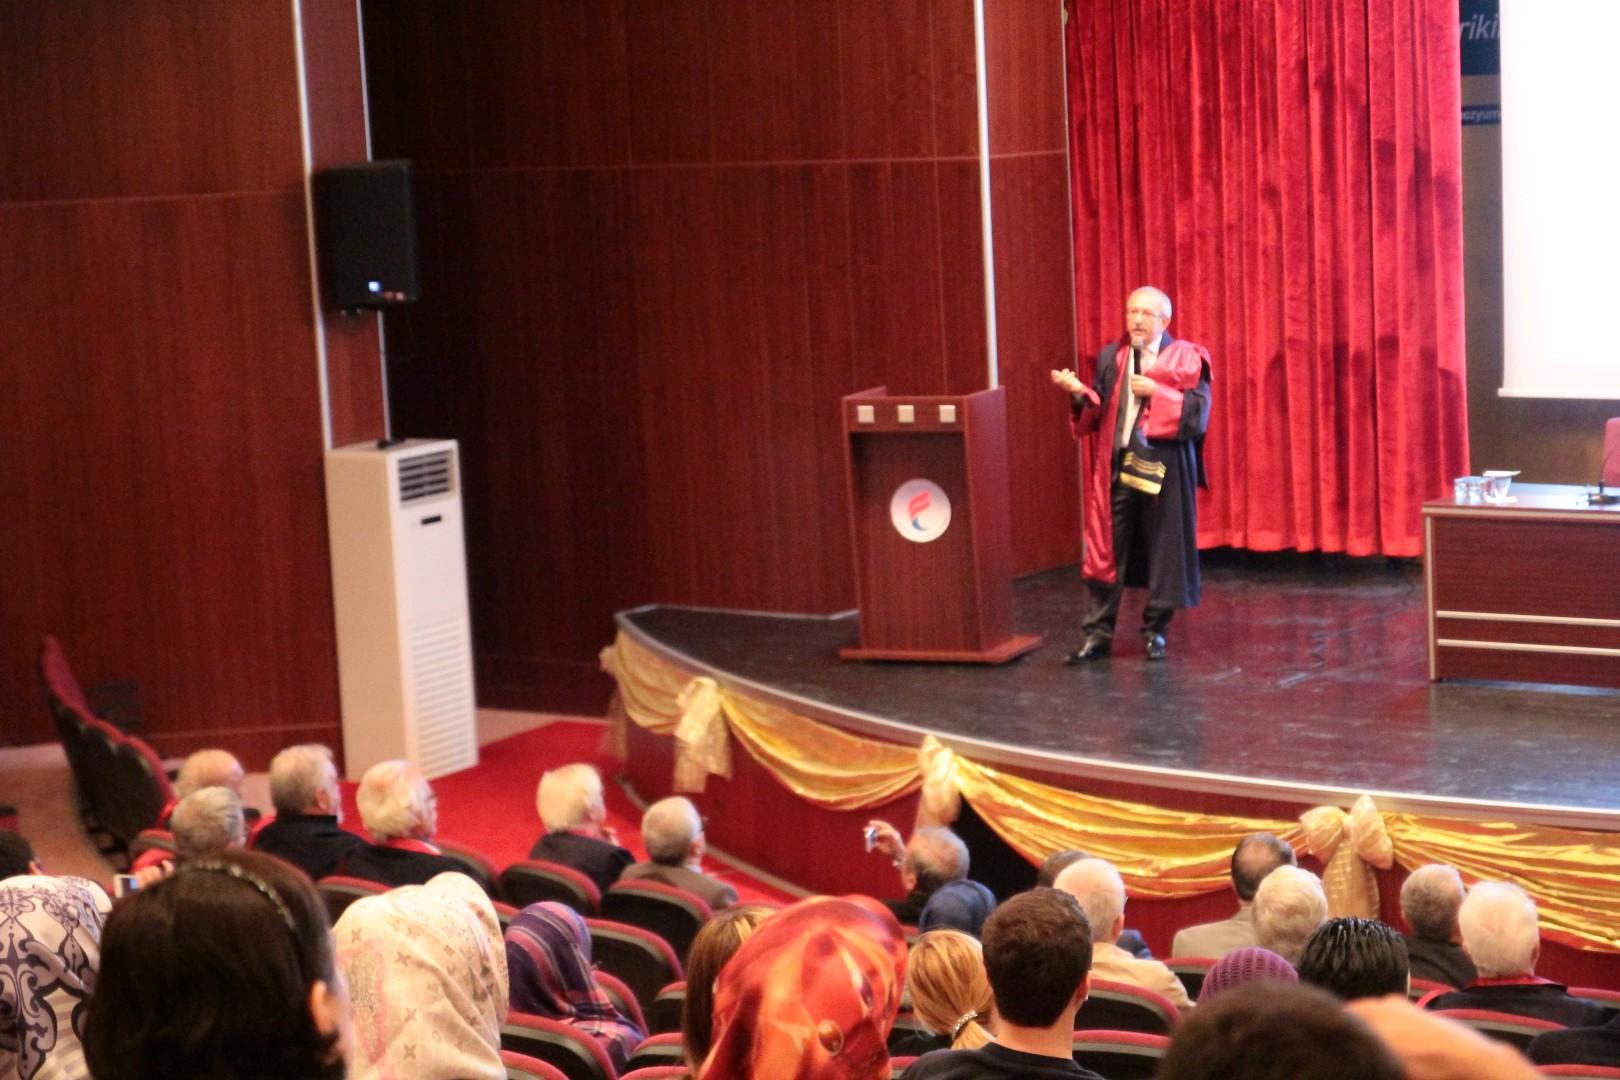 http://gsf.fatihsultan.edu.tr/resimler/upload/Kultur-ve-Sanatin-Baskenti-Istanbul-Konulu-Acilis-Dersi-Yapildi-3290914.jpg